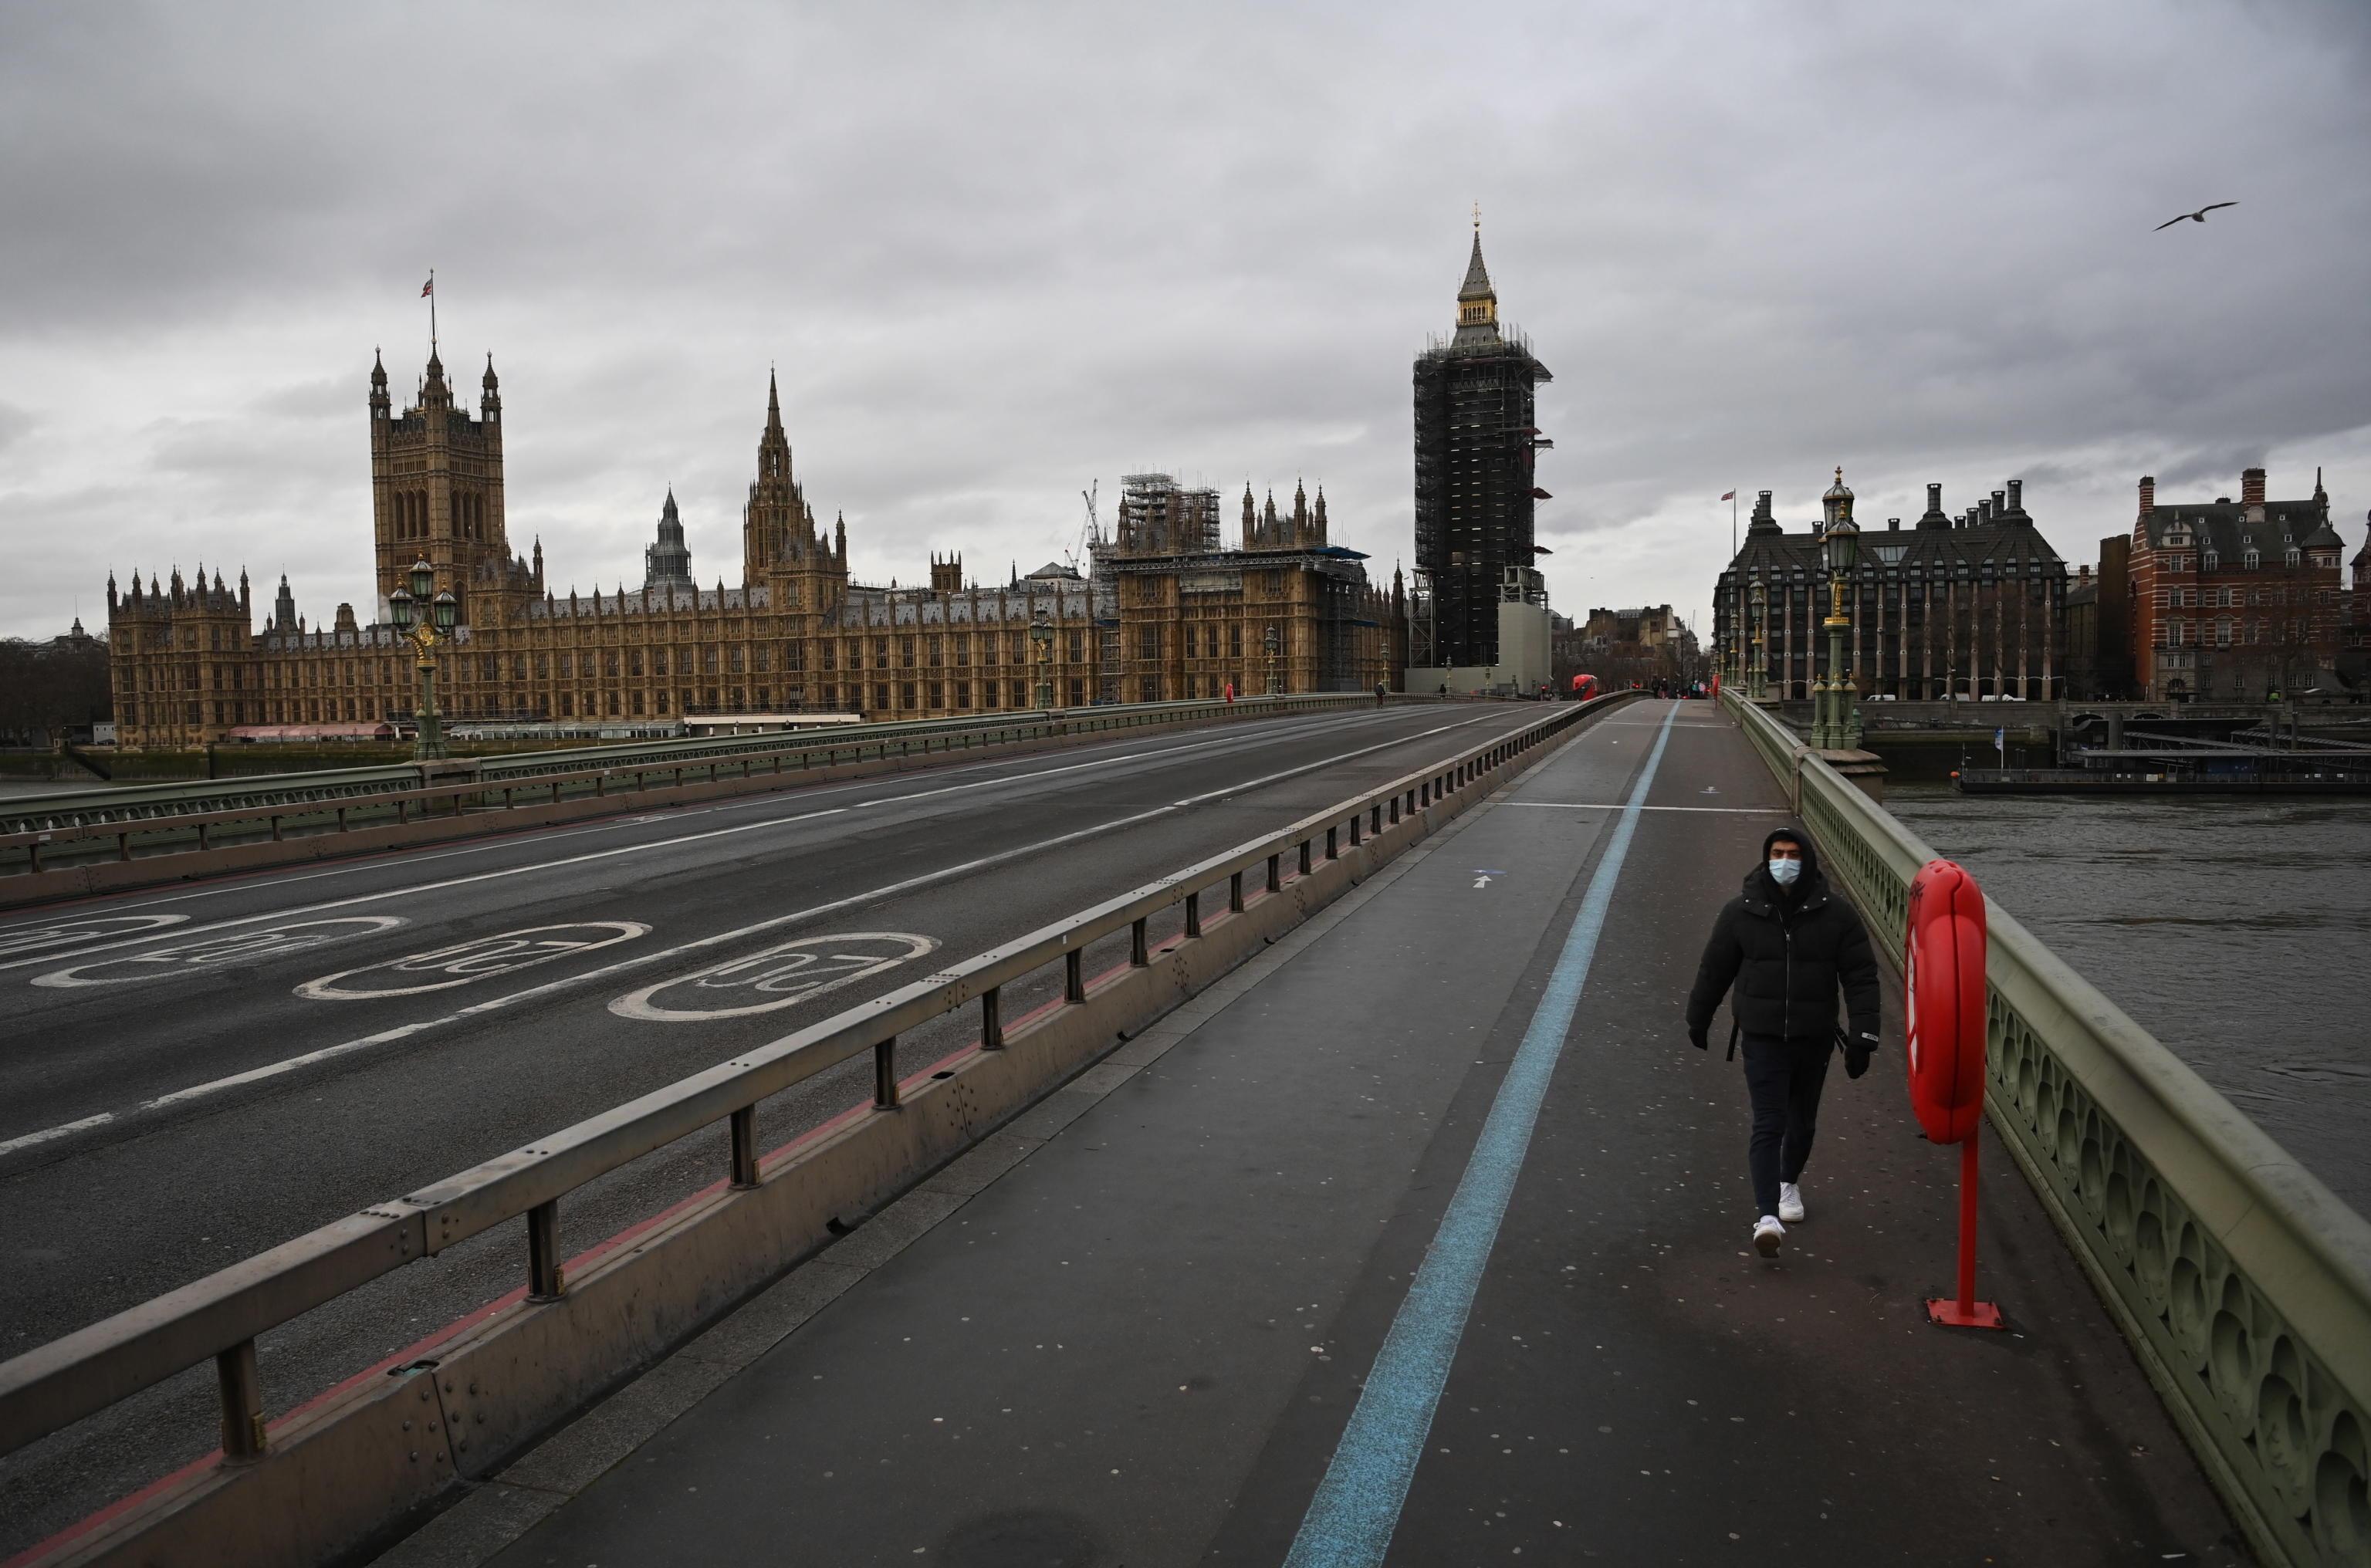 Coronavirus, superate le 100mila vittime nel Regno Unito. Il premier Johnson: «Dolore difficile da esprimere»